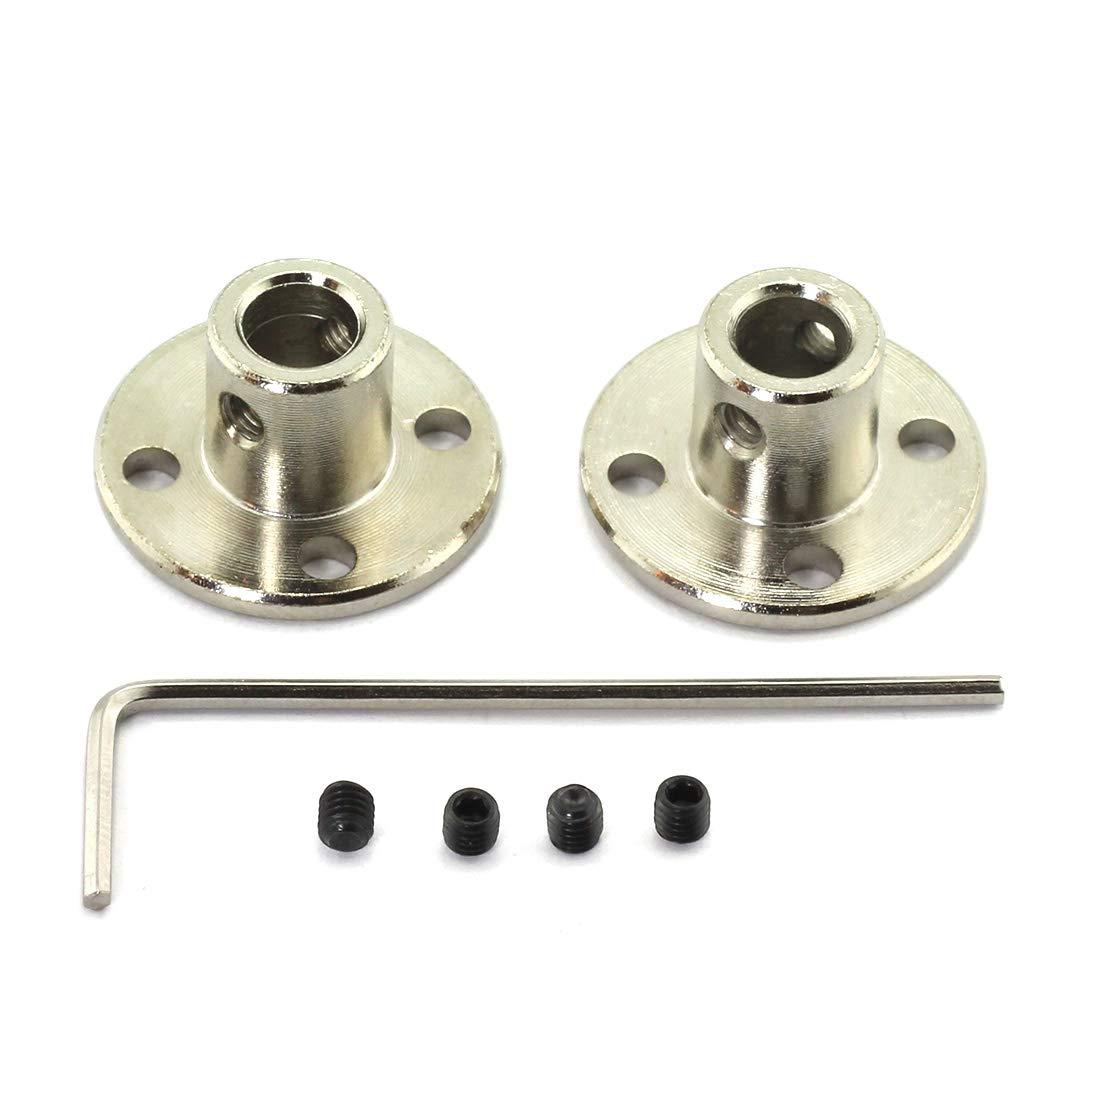 HJ Garden 2pcs 6mm Flange Shaft Coupling High Hardness Metal Flanged Joint Guide Shaft Support Coupler for DIY Model Shaft Connection